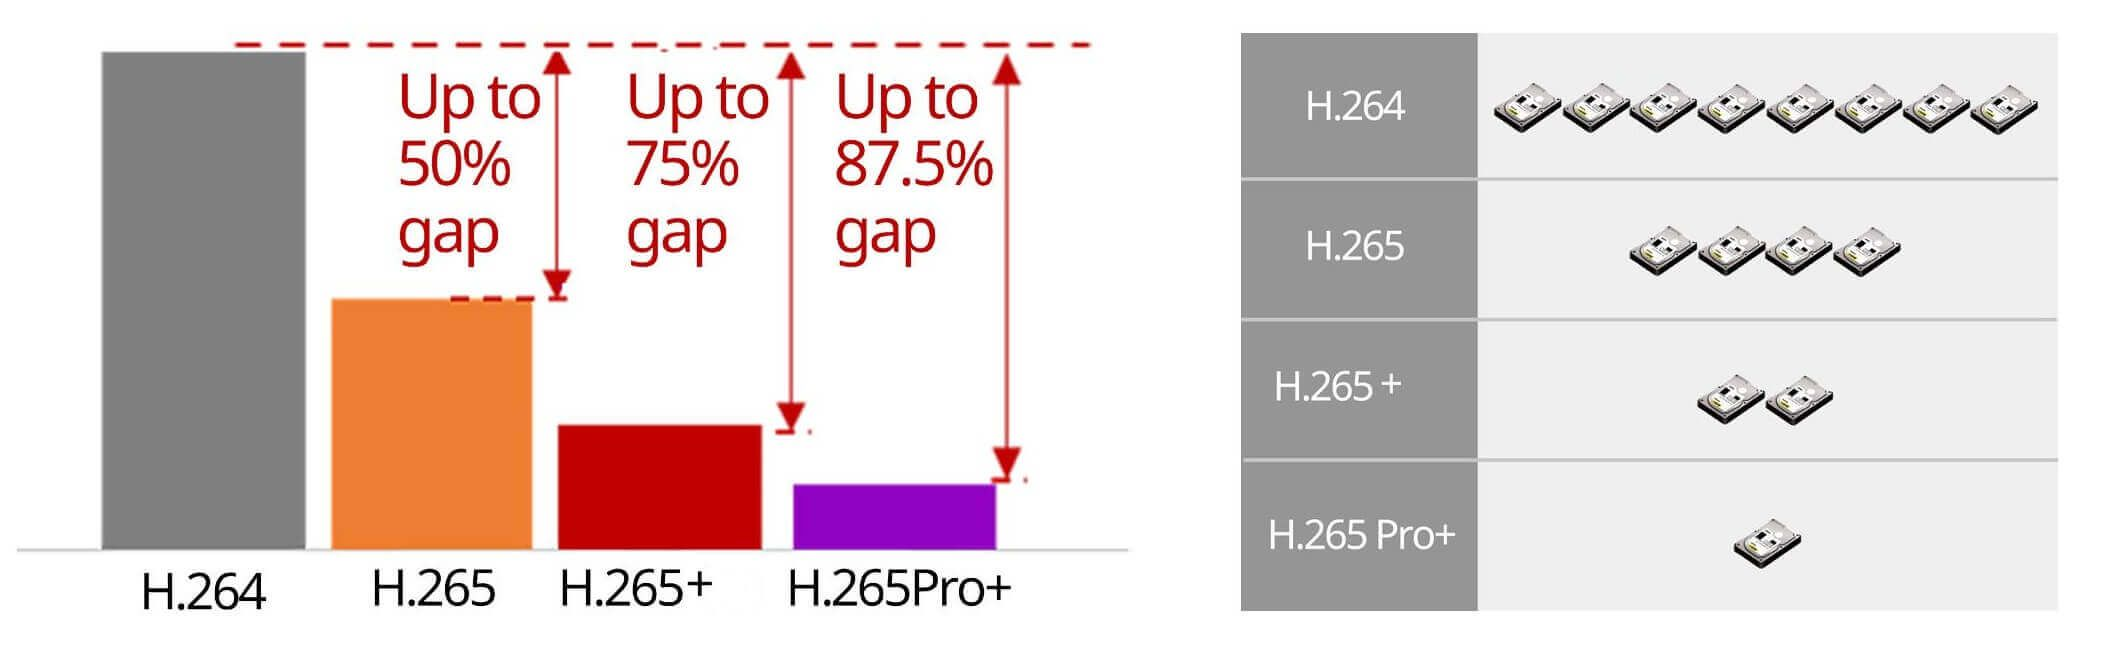 Chuẩn nén hình H.265 Pro+